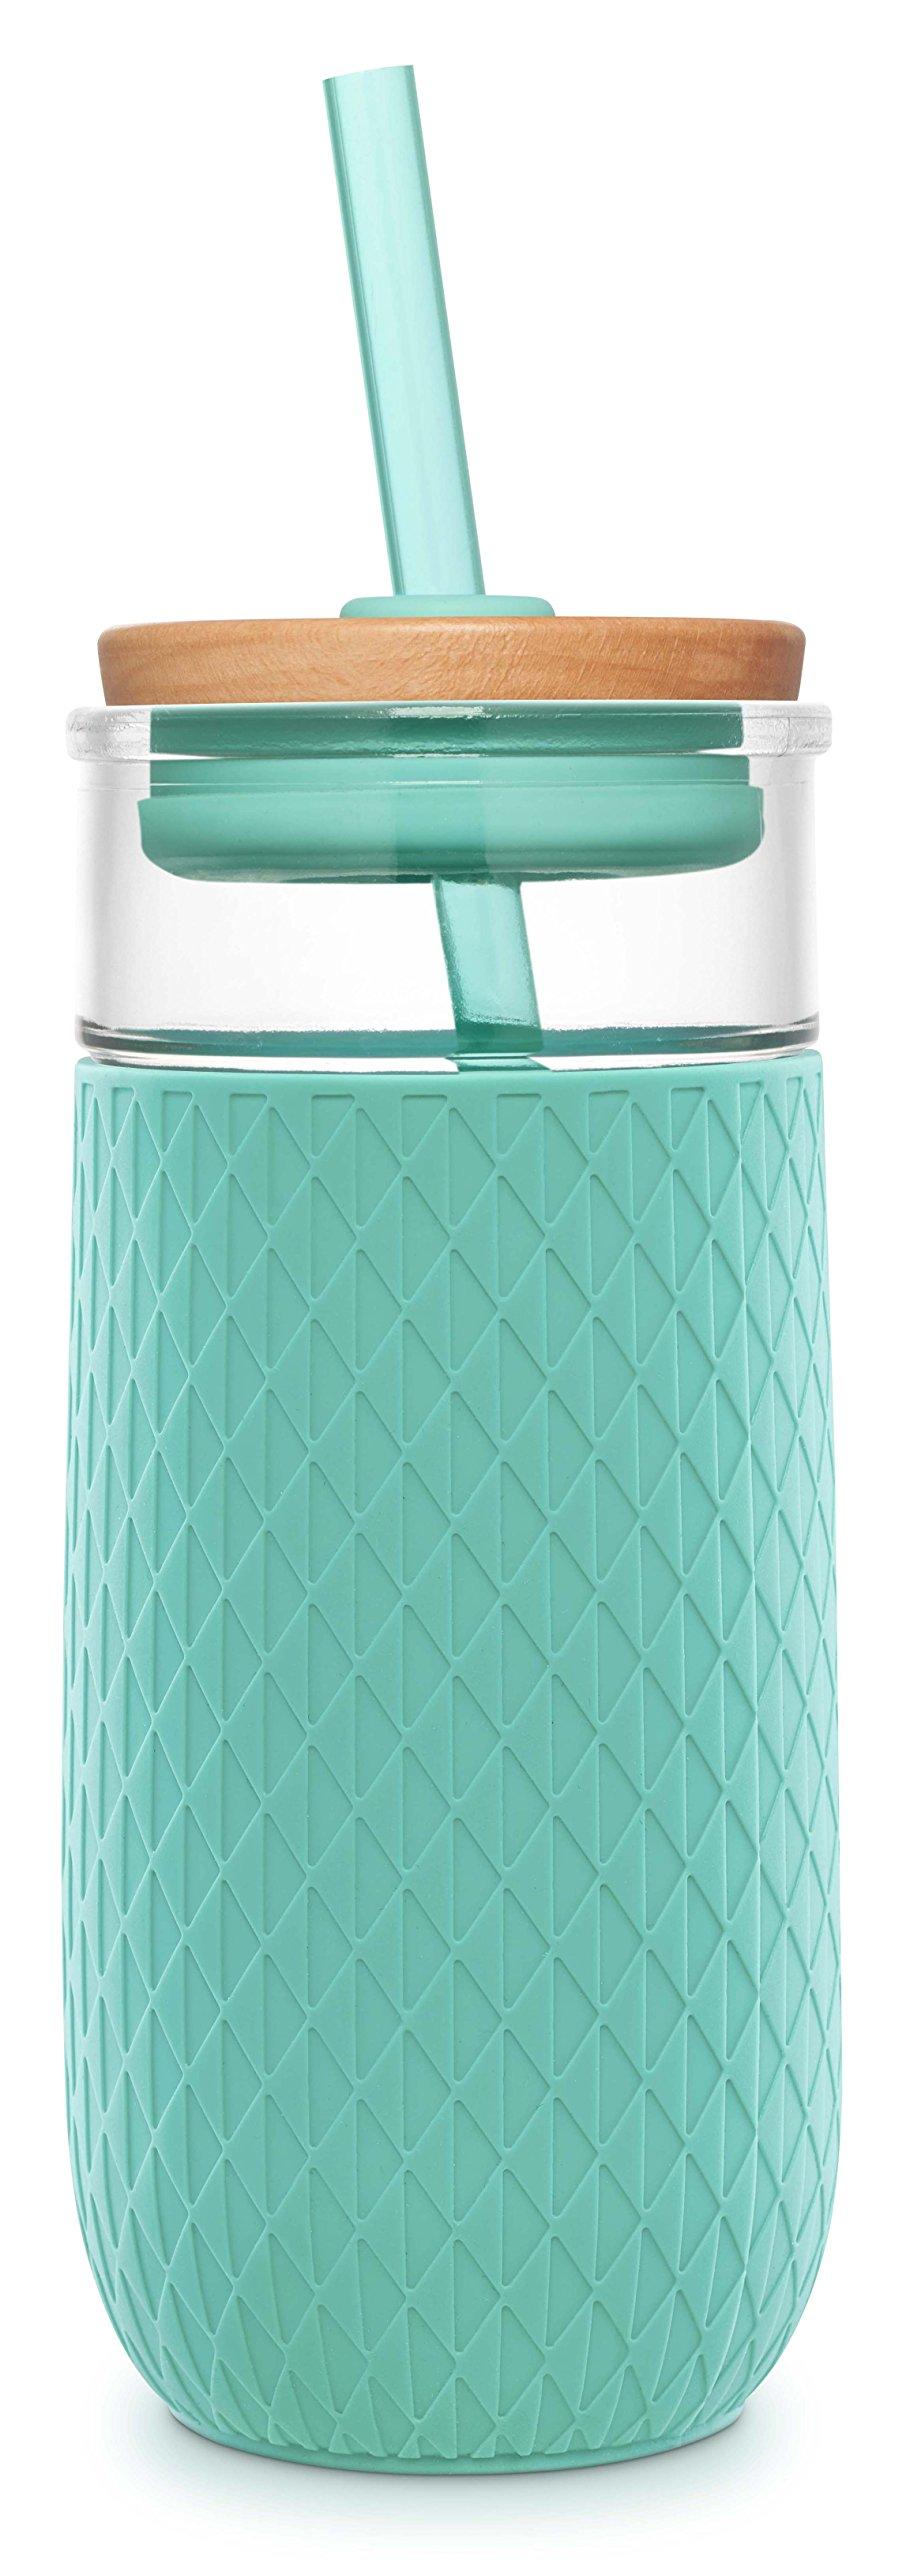 Ello Devon 20OZ Glass Tumbler Straw, Mint, 20 oz.